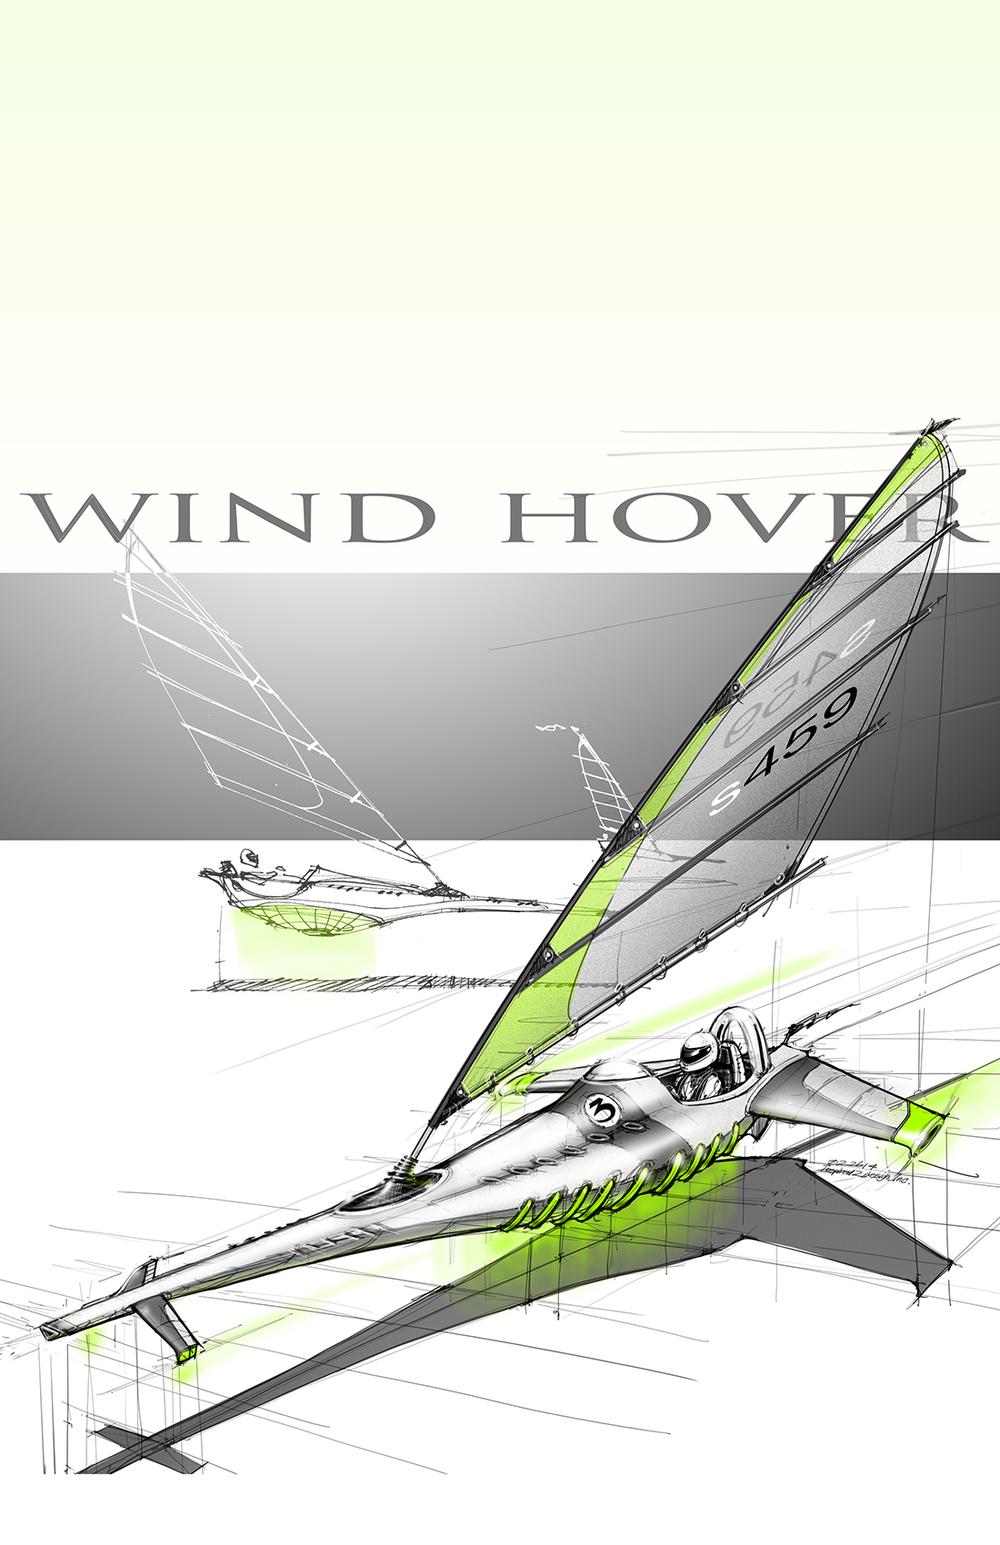 wind hover croppedgrn100.jpg